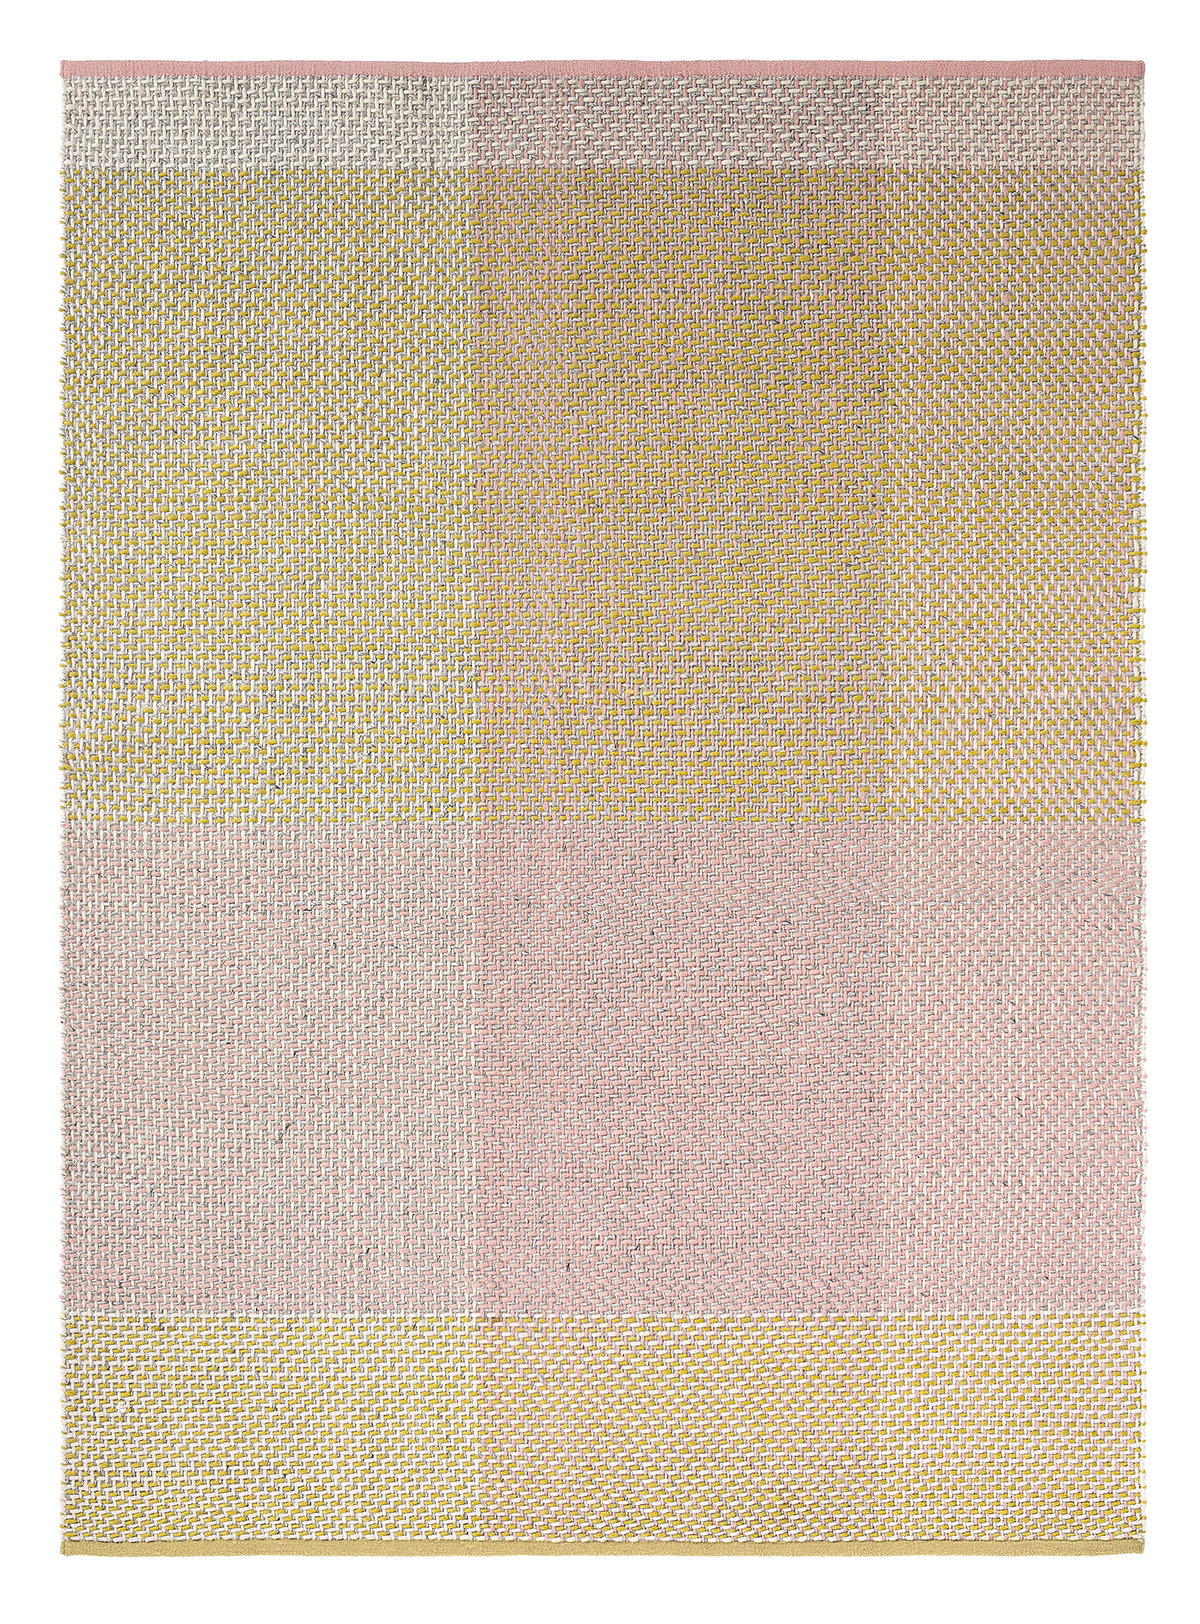 zielono różowy dywan kilimowy Check Neutral 56402